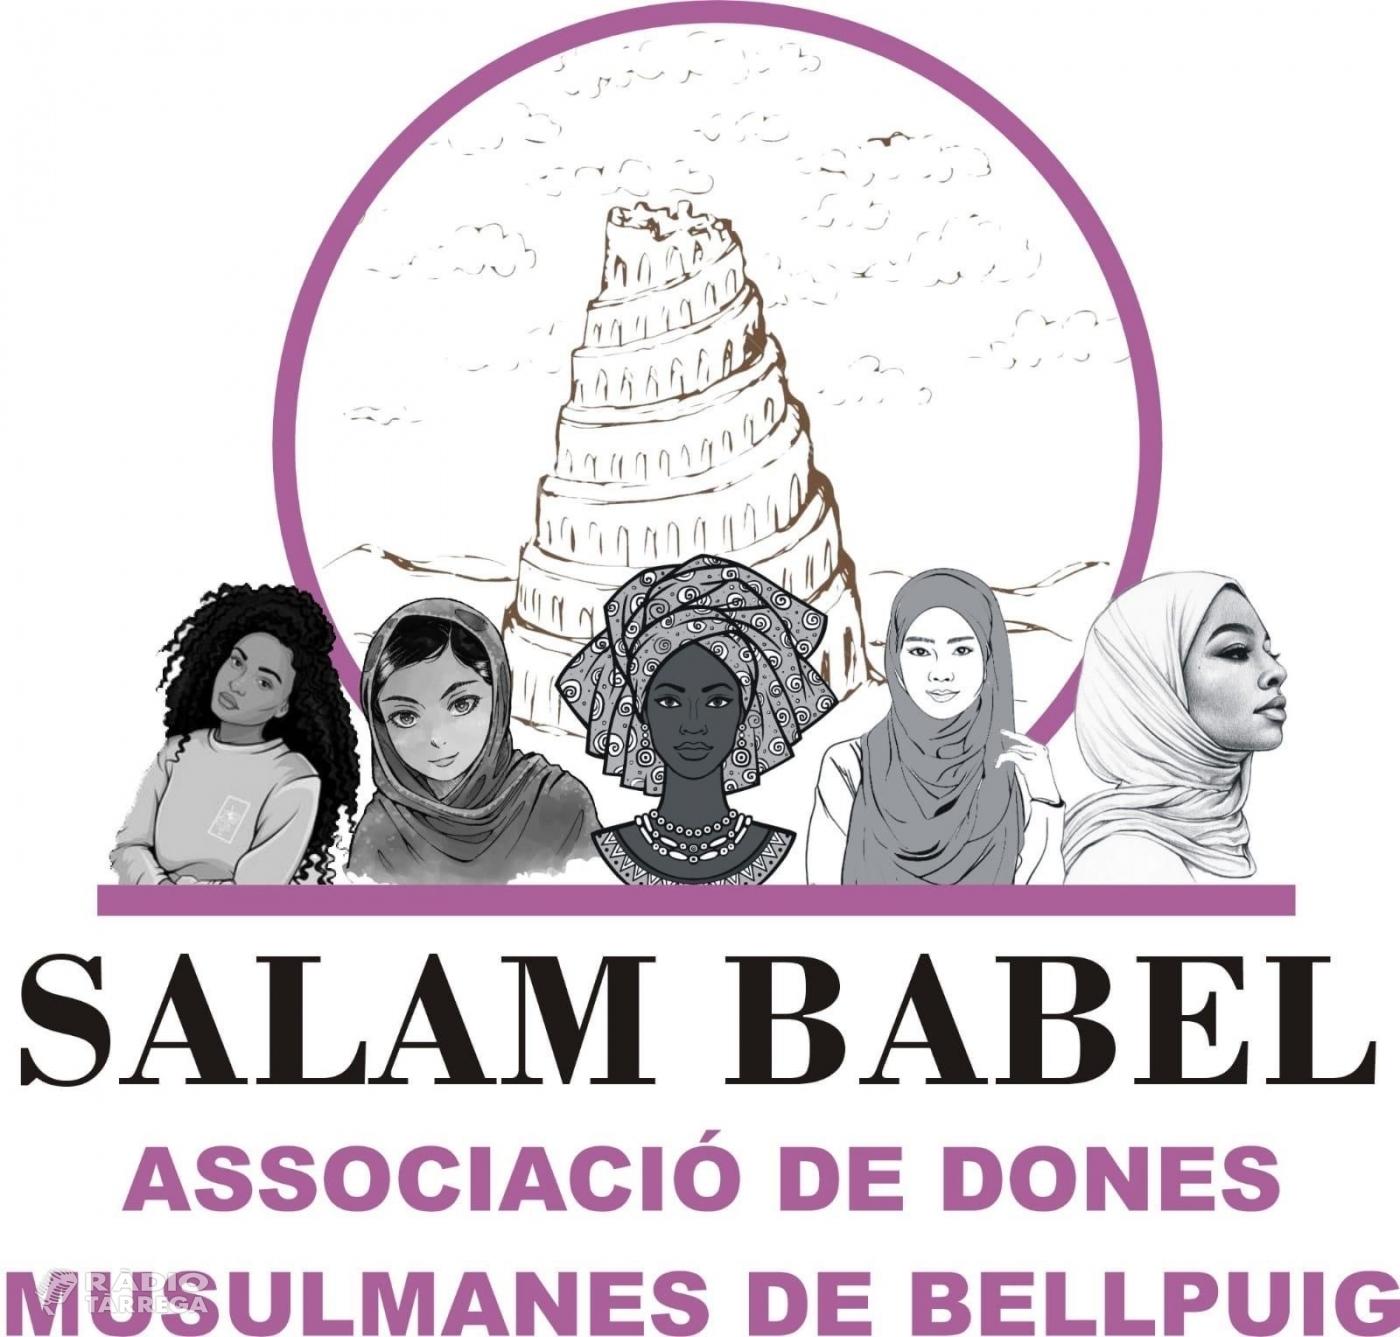 Neix l'associació de dones musulmanes de Bellpuig amb l'acompanyament de l'Ajuntament